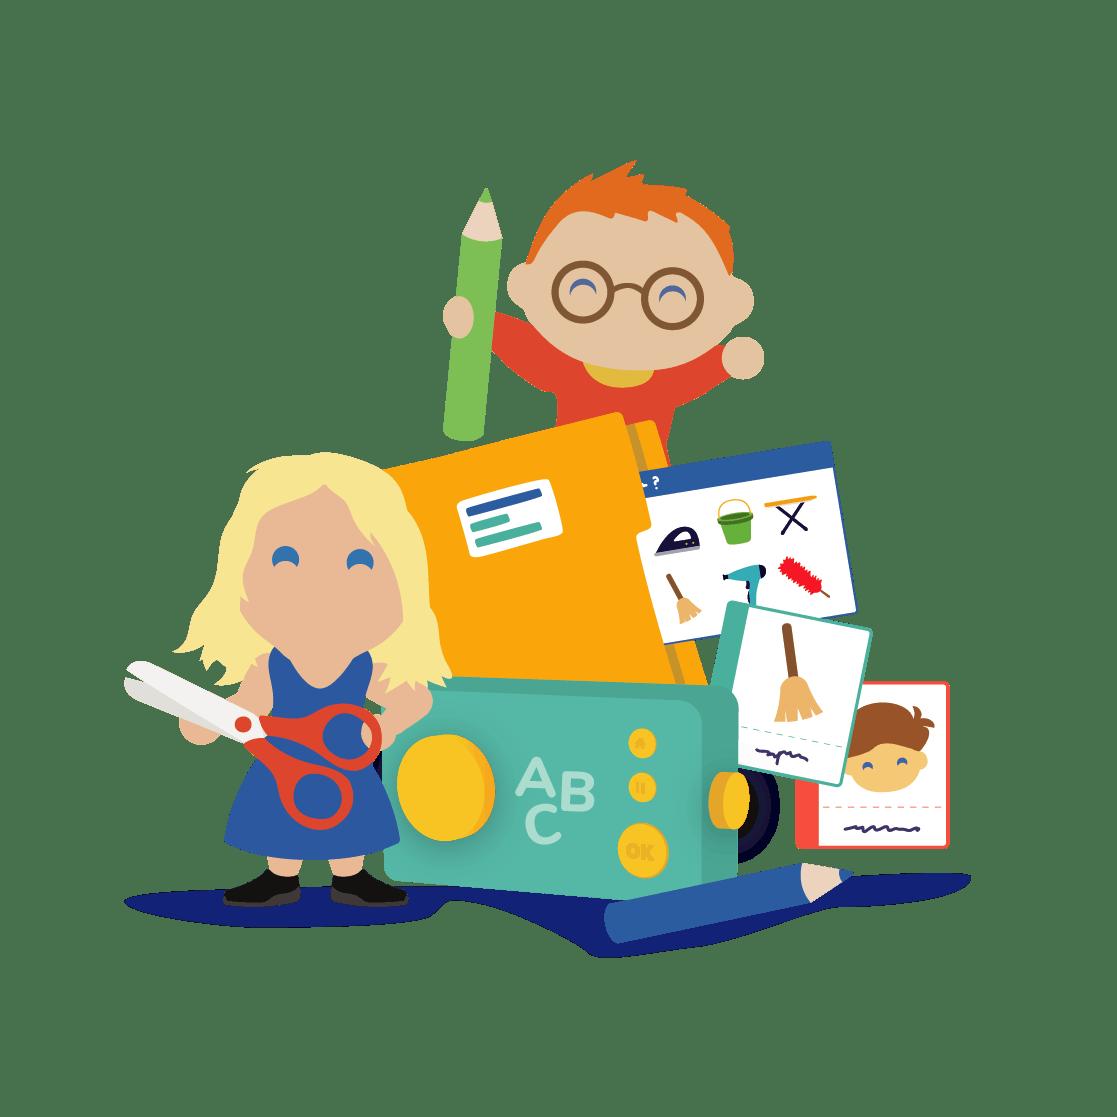 Lunii et les écoles contenu pédagogique pour les enseignants